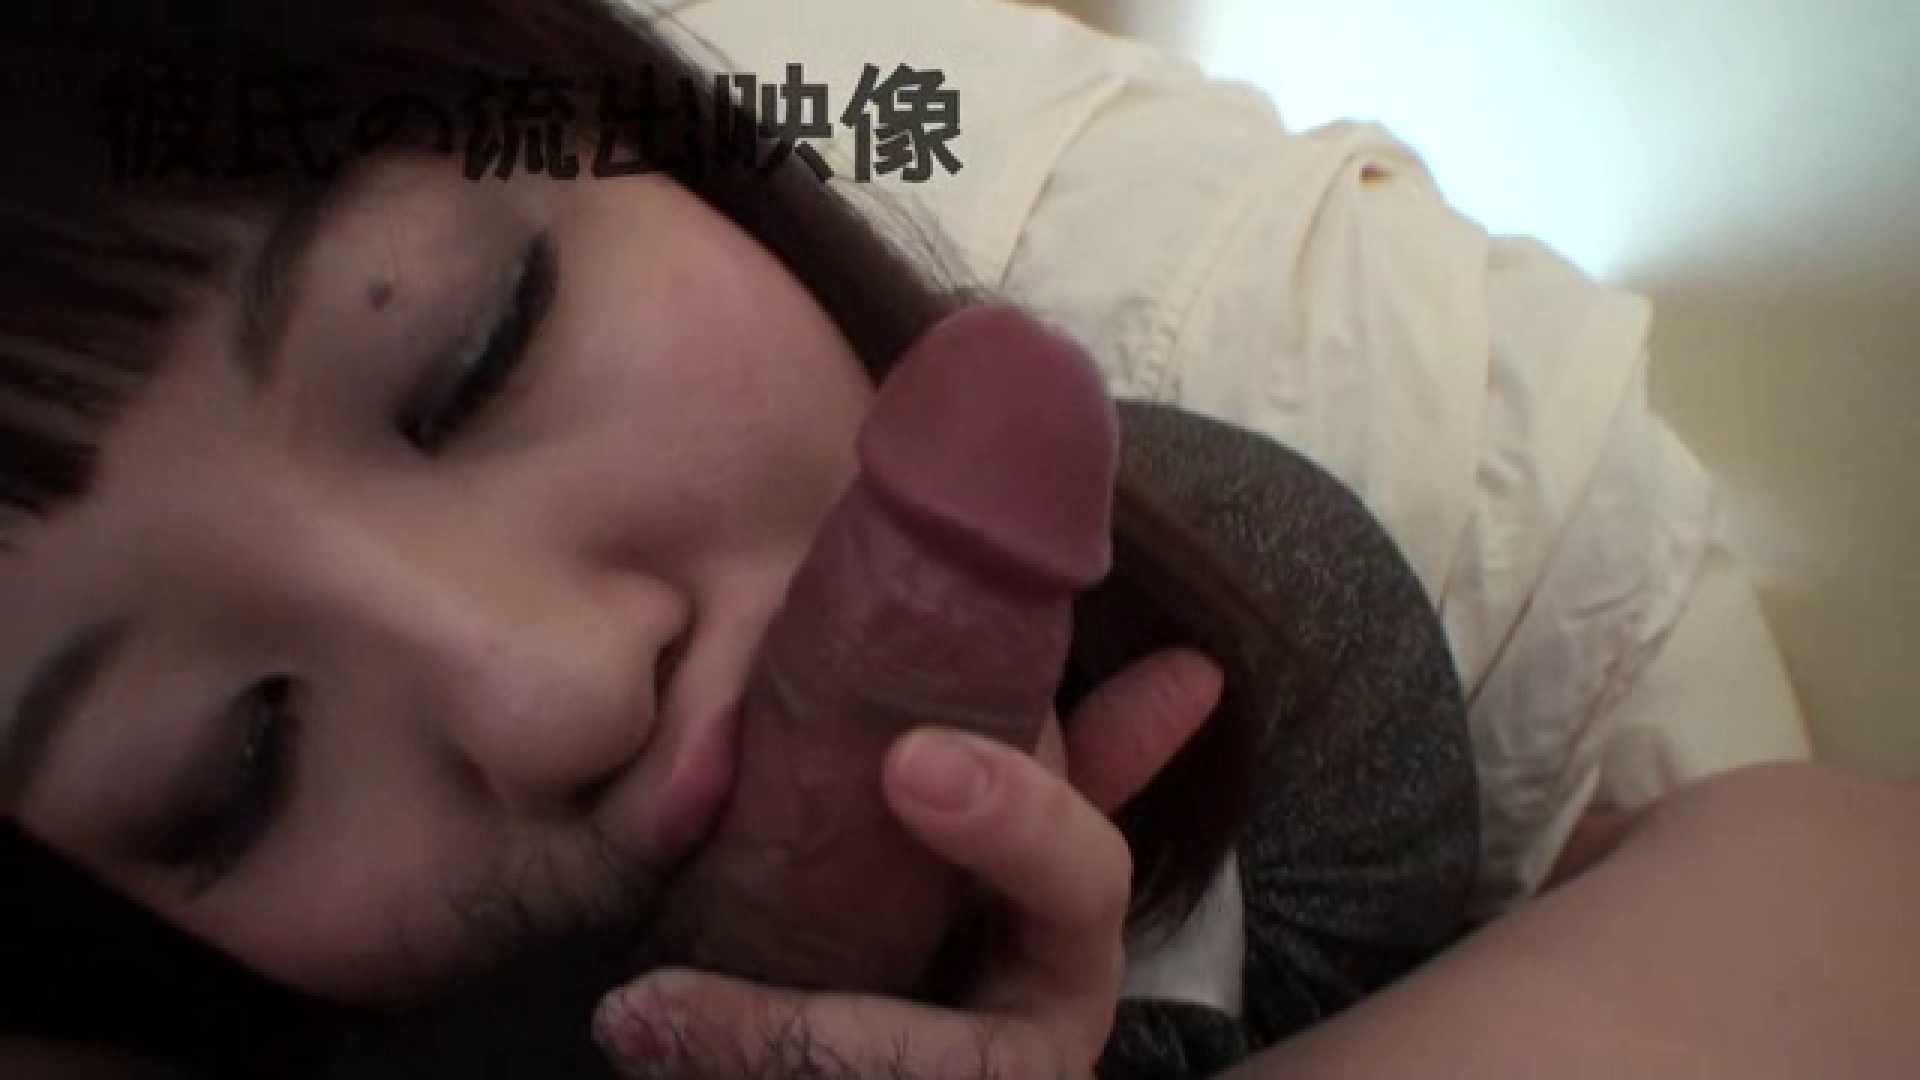 彼氏が流出 パイパン素人嬢のハメ撮り映像05 素人のぞき | SEX映像  59pic 11